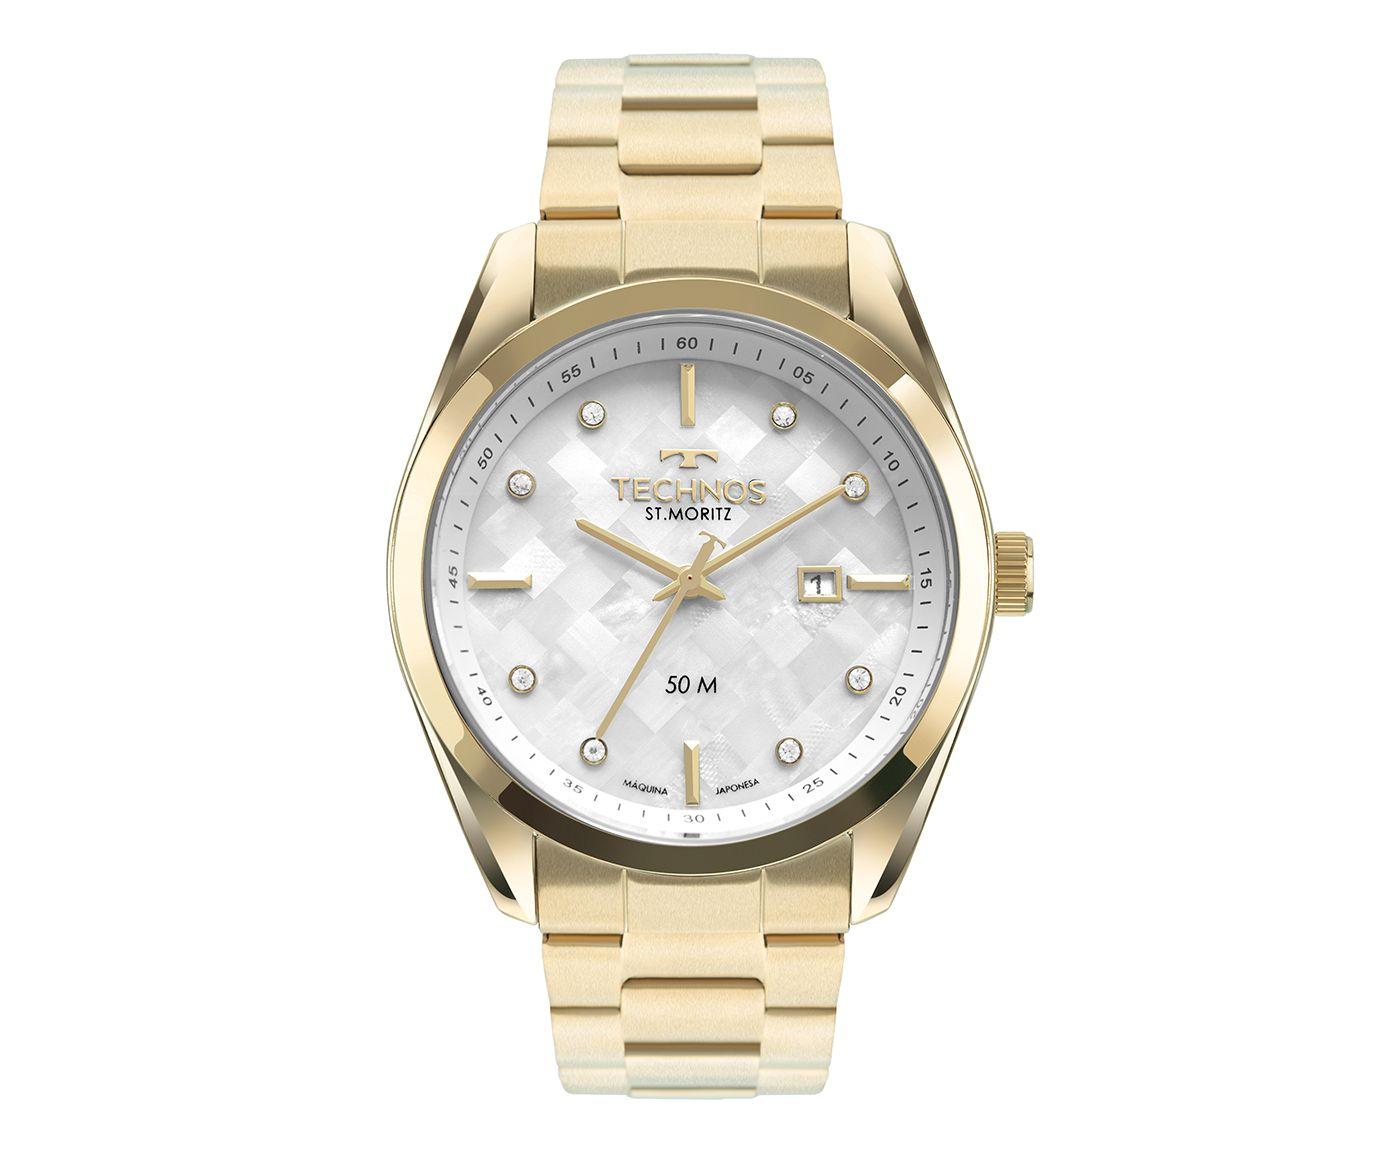 Relógio Analógico Technos Metal Dourado e Branco   Westwing.com.br